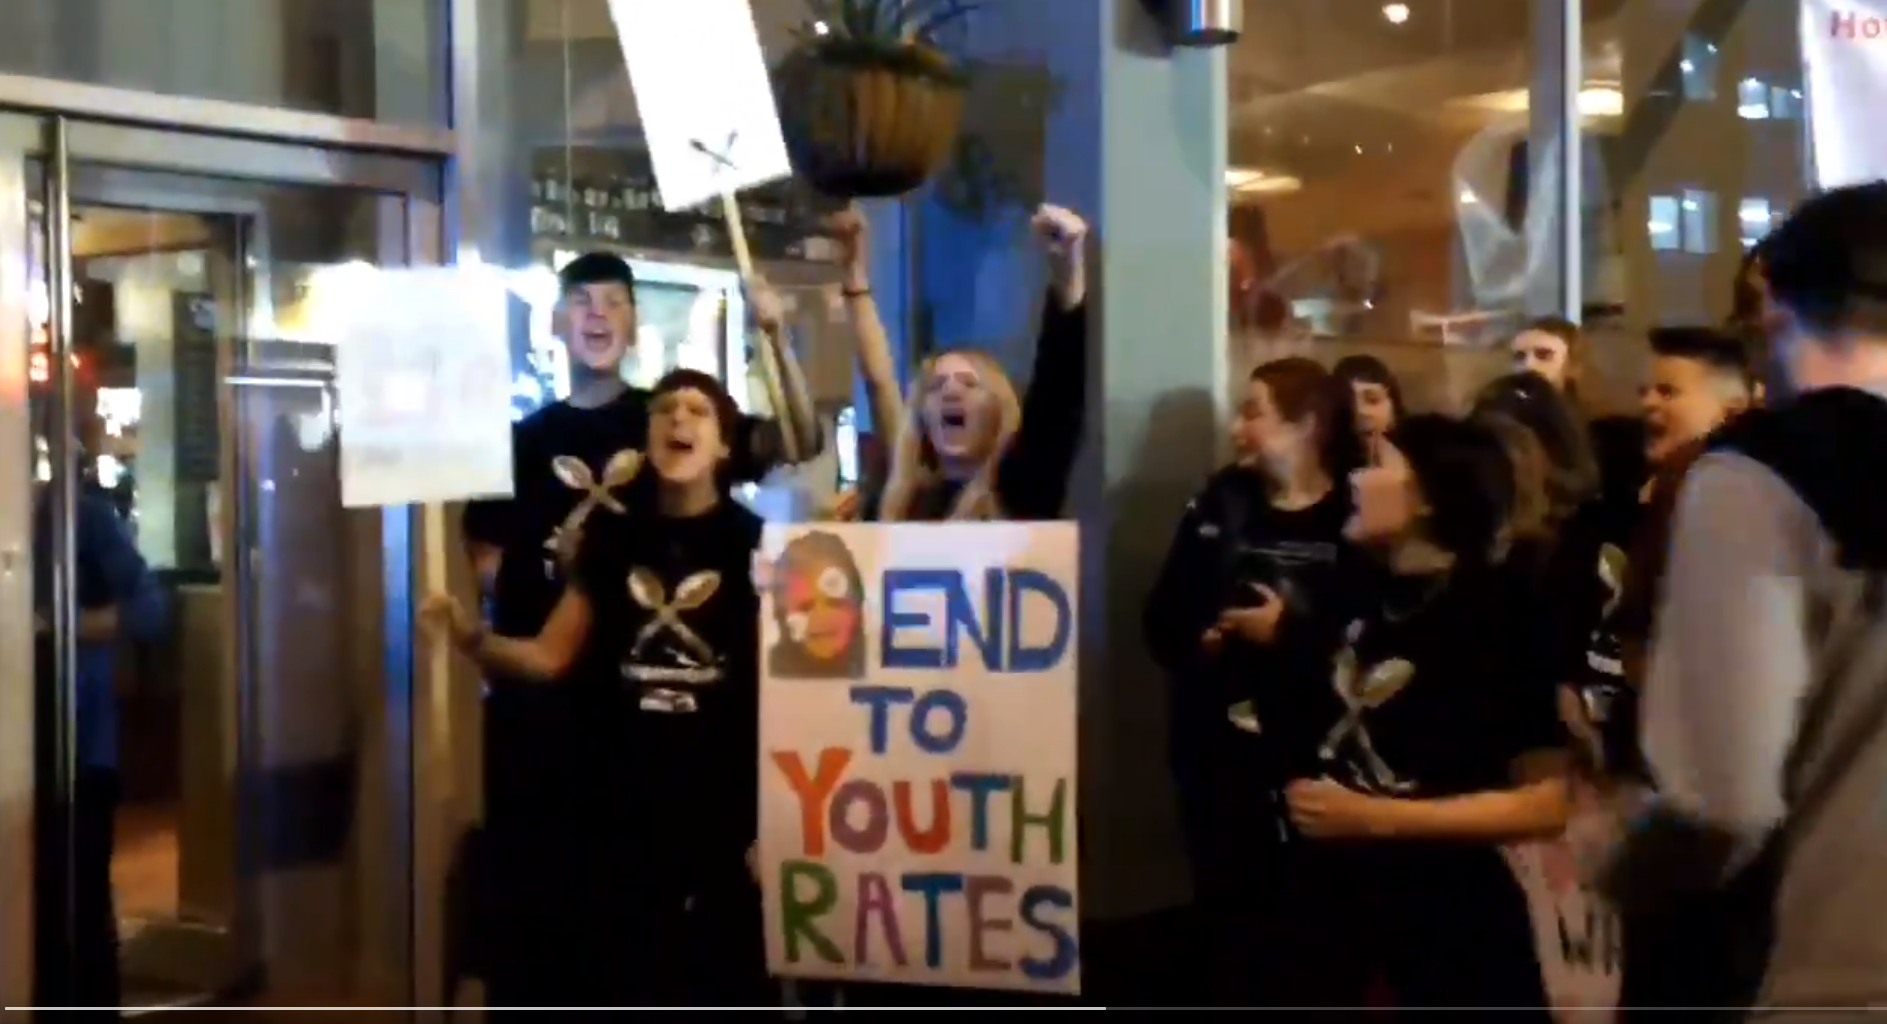 Streik von jungen Fast Food-ArbeiterInnen in Großbritannien